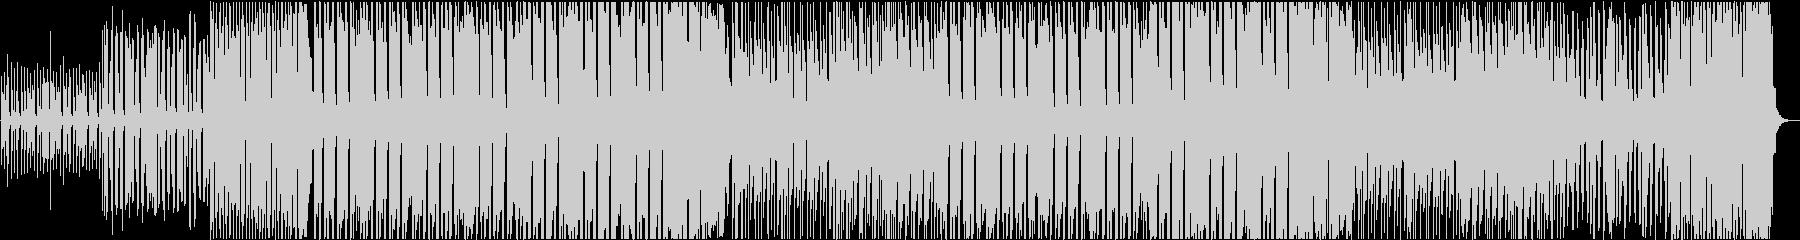 幻想的なフューチャーベースの未再生の波形